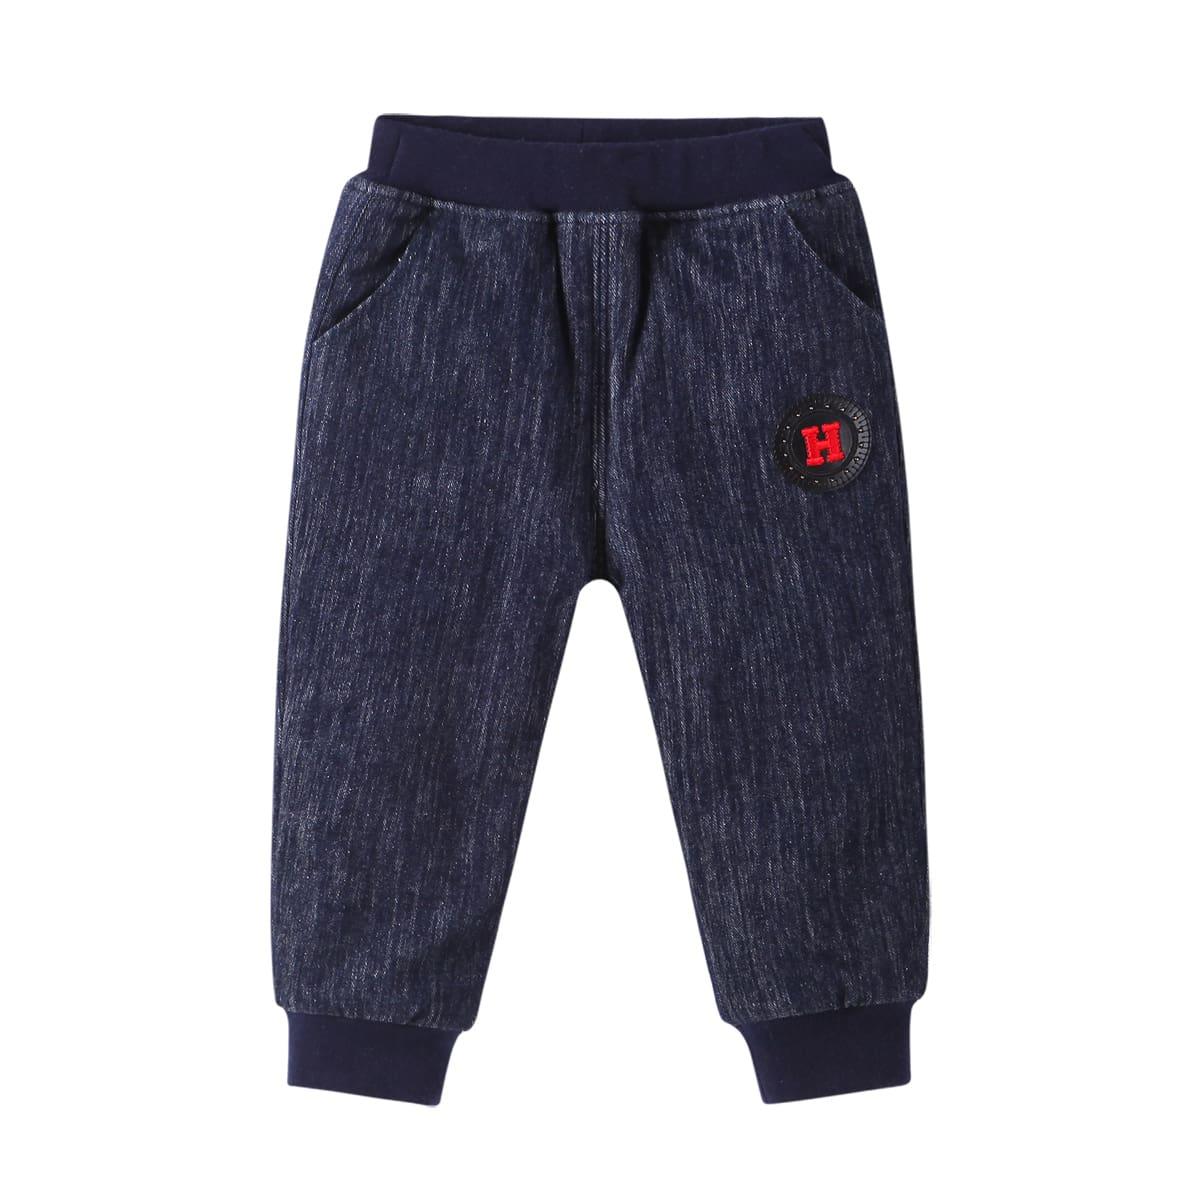 Аппликация буква повседневный джинсы для мальчиков